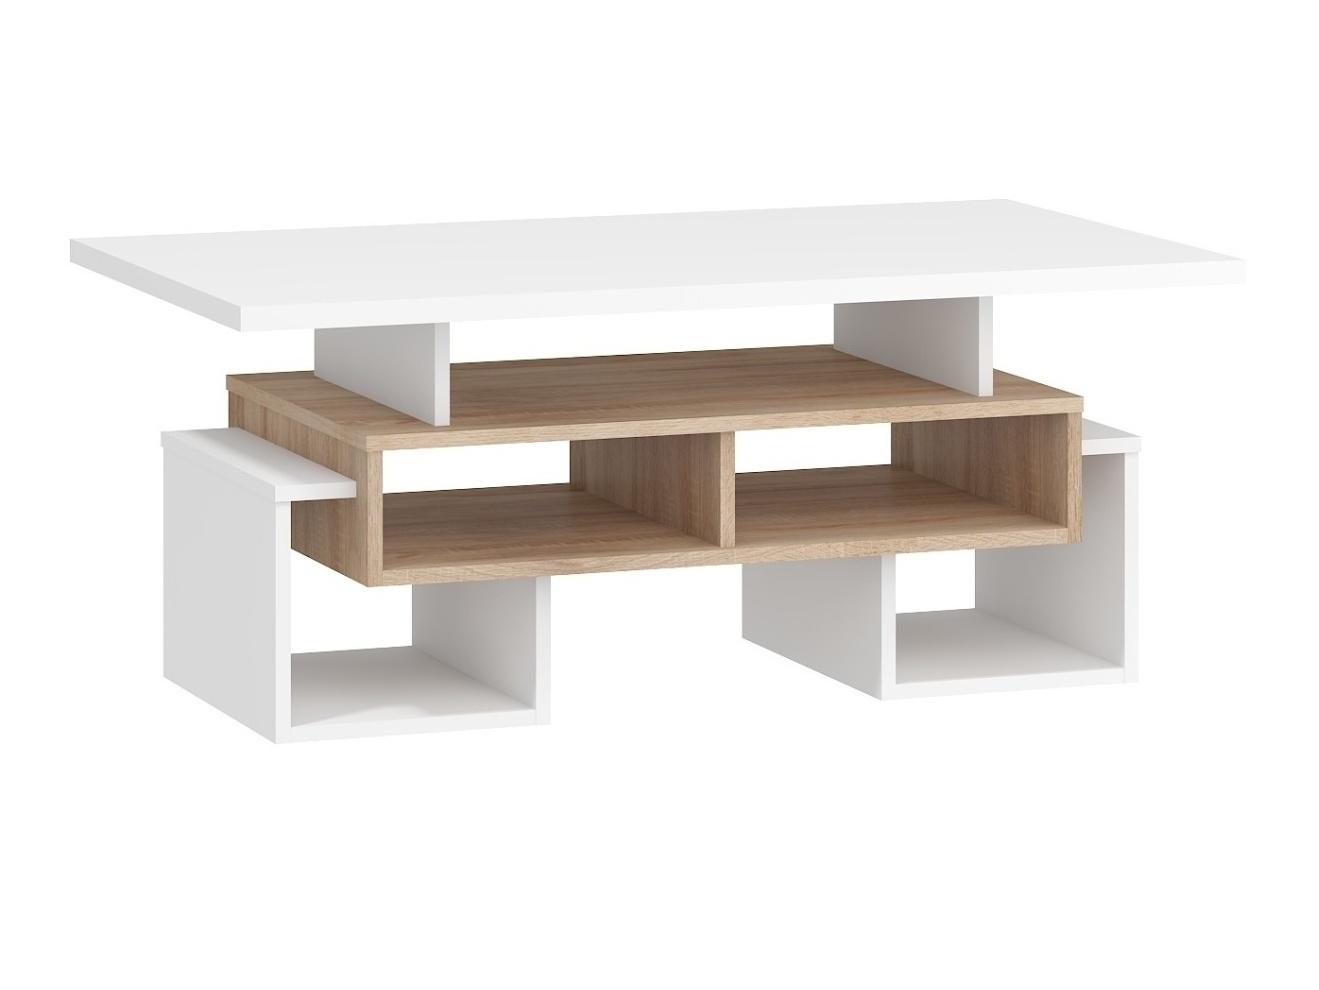 Konferenční stolek DORINDA typ 2, dub sonoma/bílá, 5 let záruka